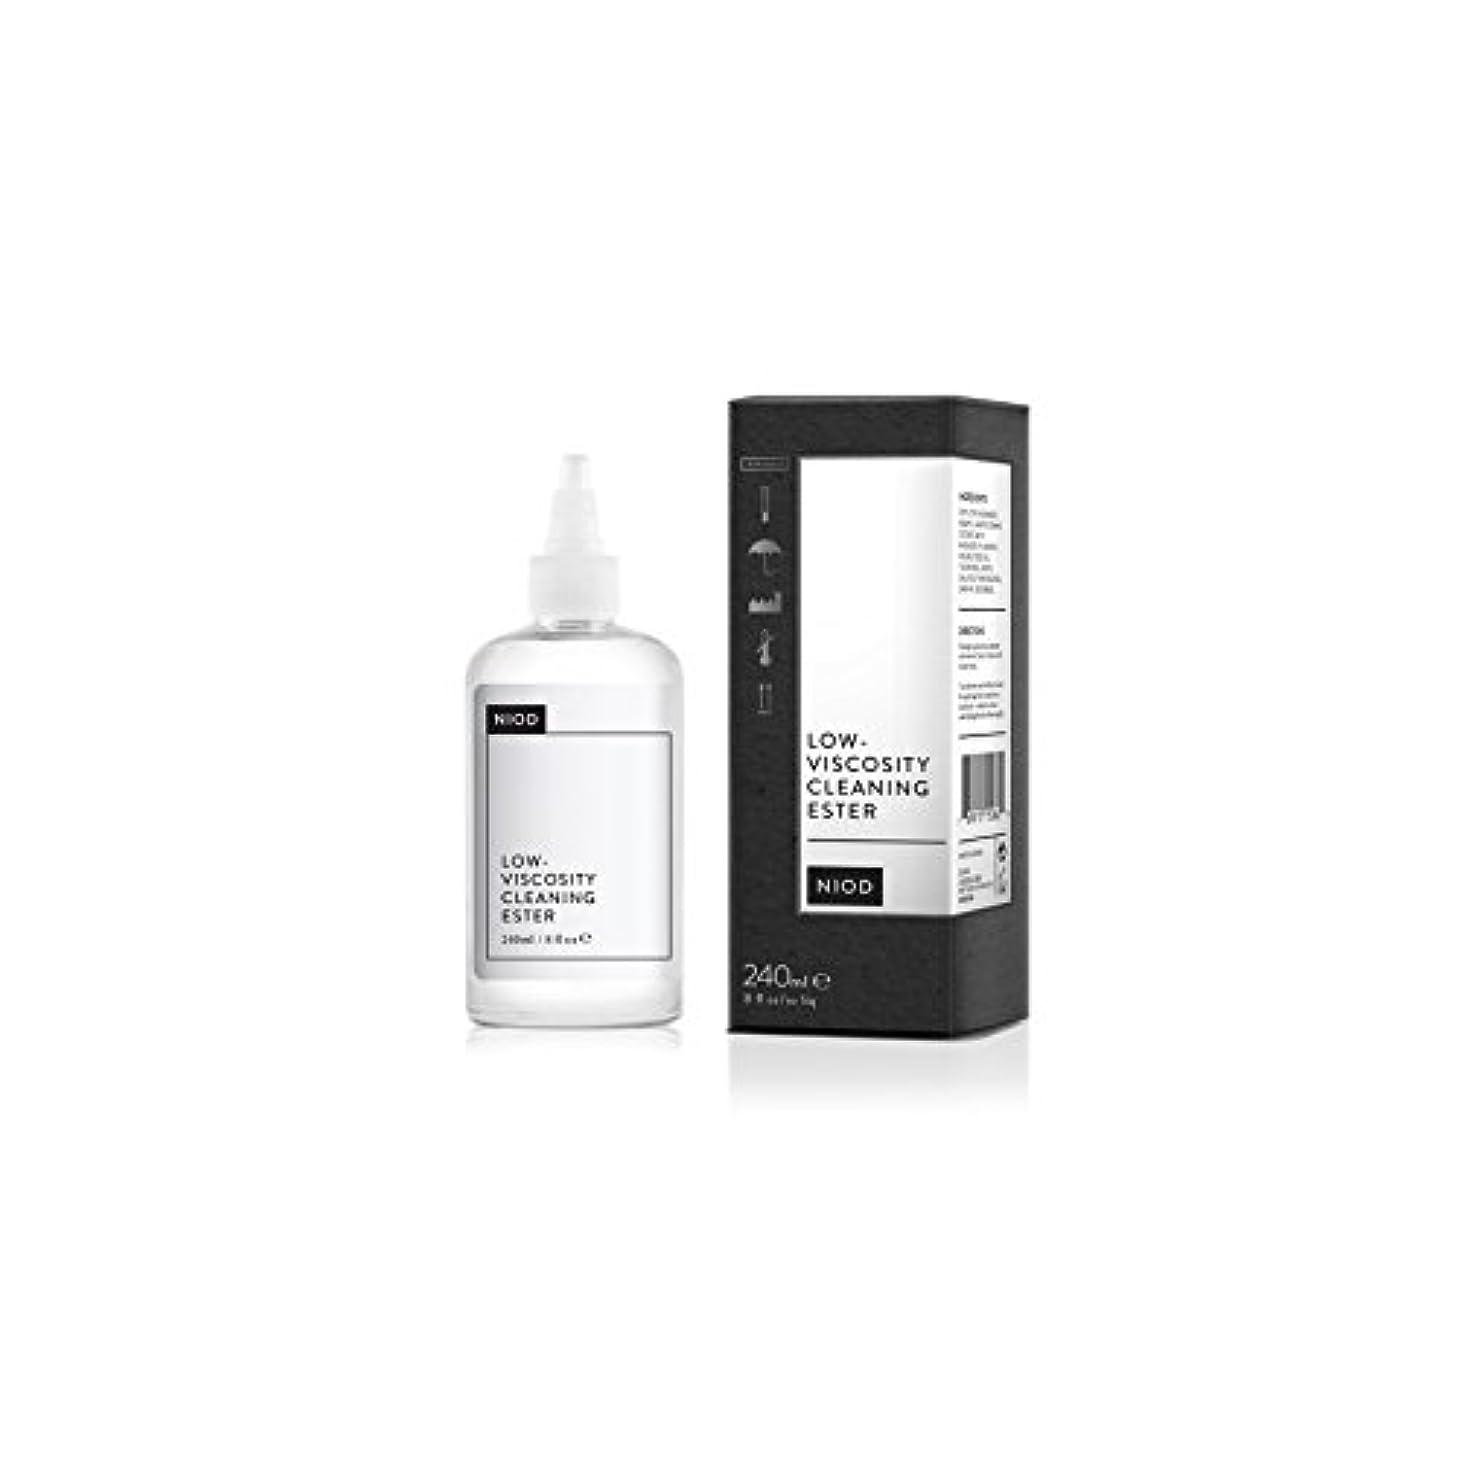 カウントトチの実の木批判的低粘度のクリーニングエステル(240ミリリットル) x4 - Niod Low-Viscosity Cleaning Ester (240ml) (Pack of 4) [並行輸入品]